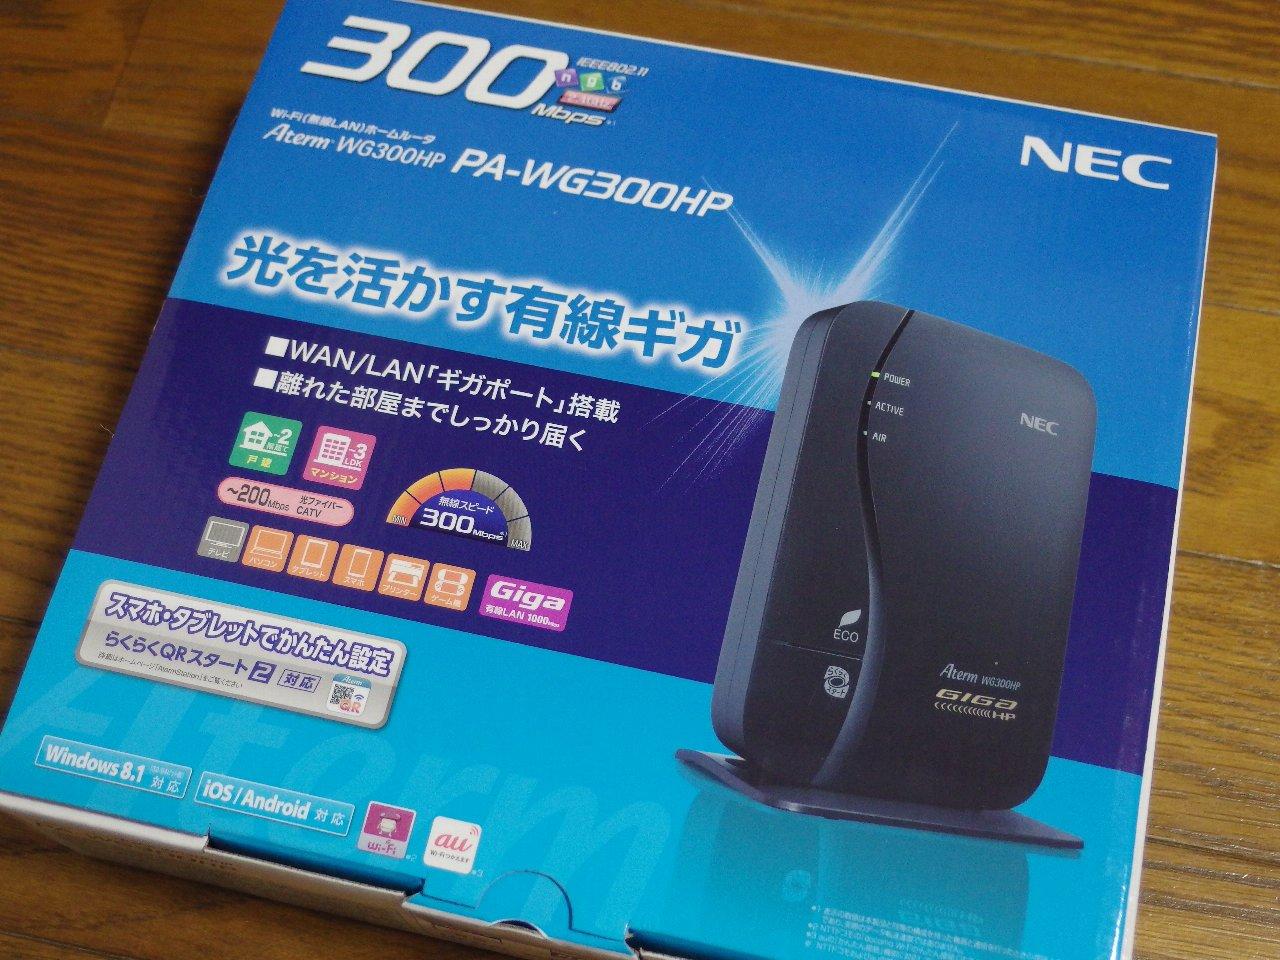 無線LANルーターをNEC PA-WG300HPに買い替え   noguchan's blog - Photo's LIFE